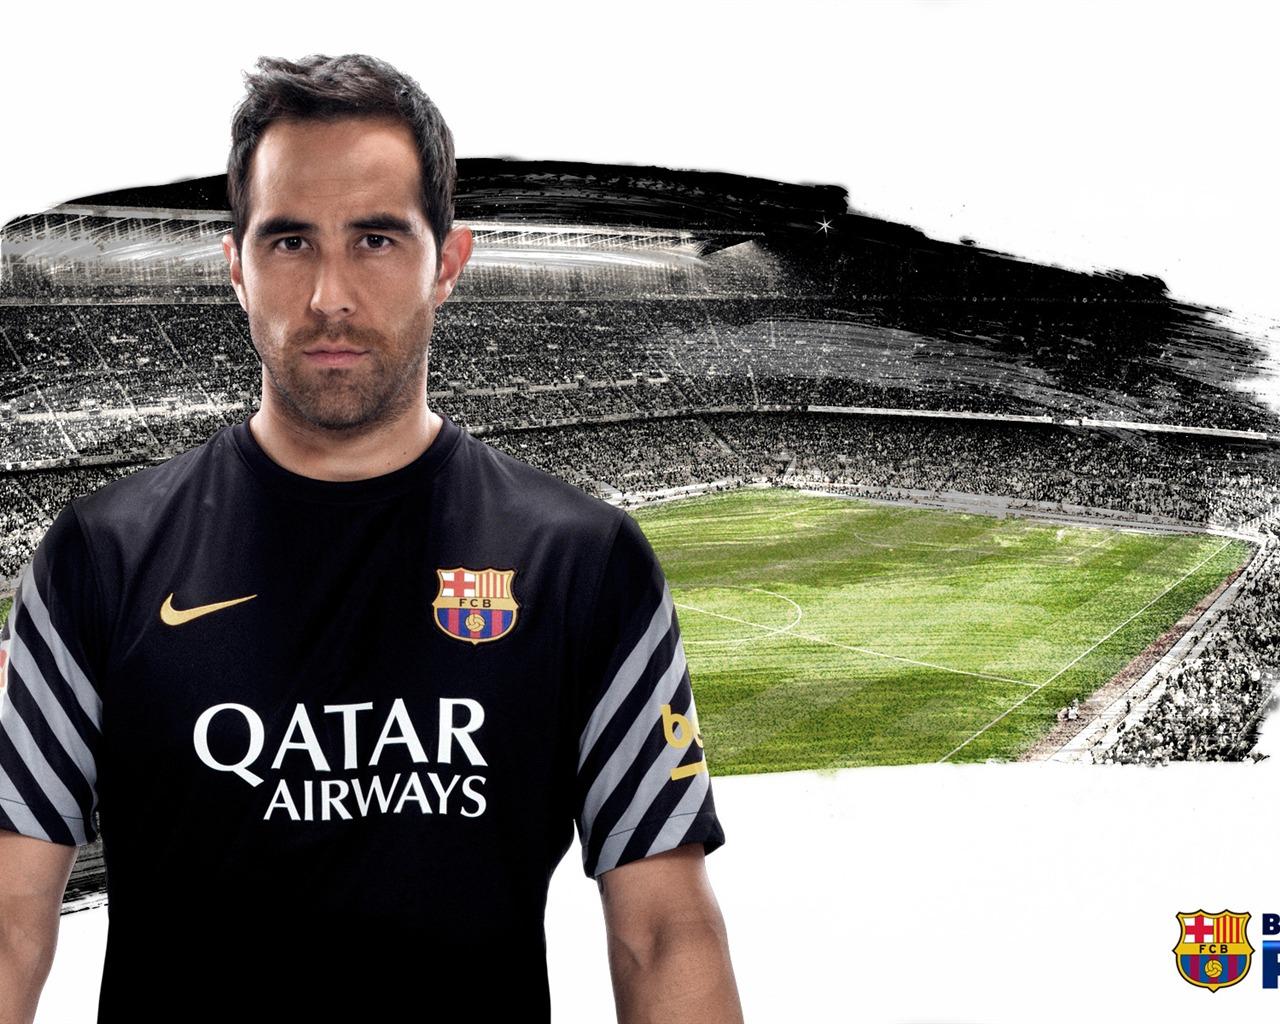 클라우디오 브라보 -2015-2016 FC 바르셀로나의 HD 월페이퍼시사